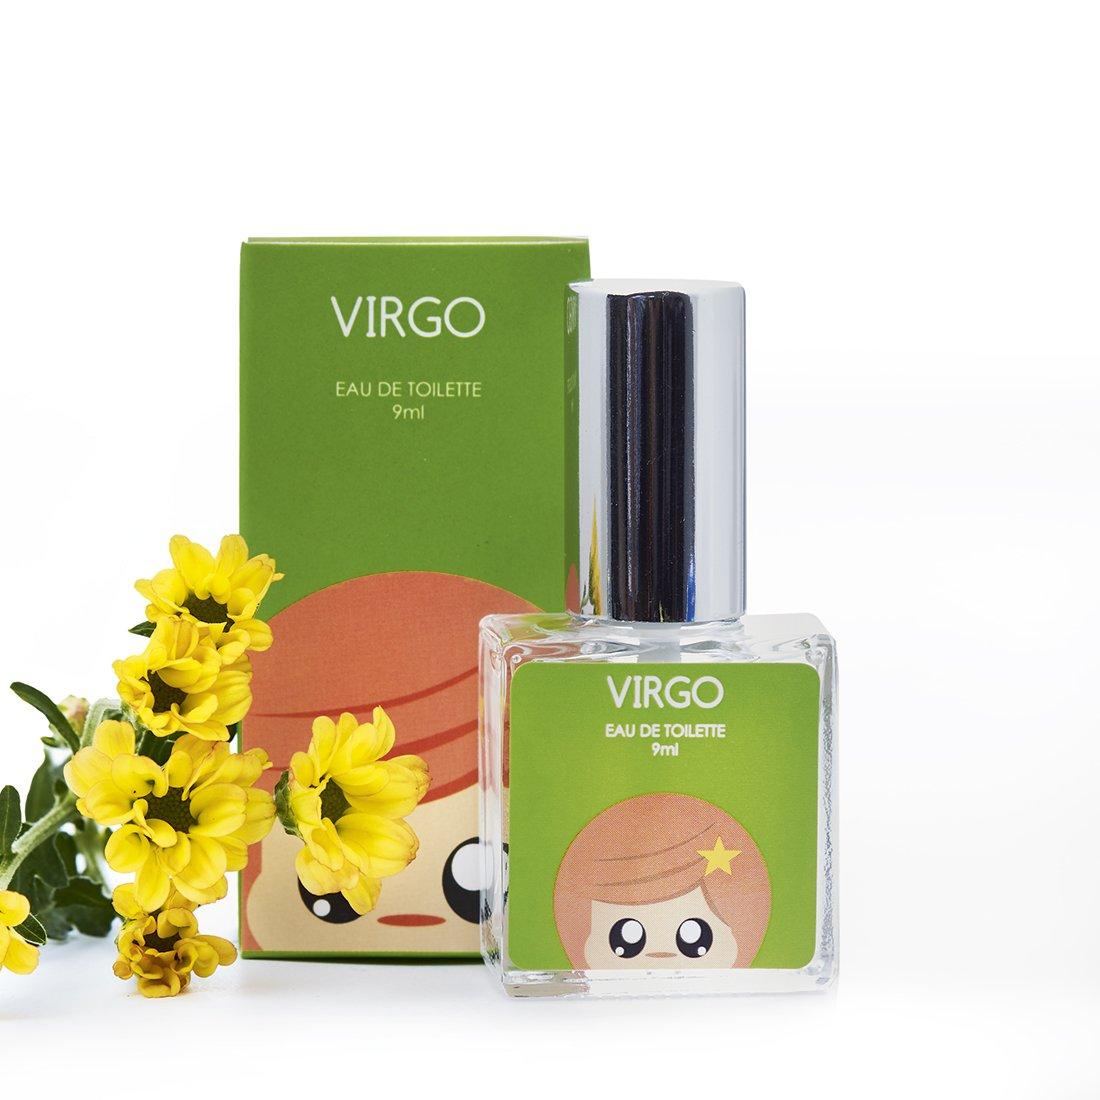 Ini-Dia-Rekomendasi-Parfum-Sesuai-Zodiak-Dari-Brunbrun-virgo